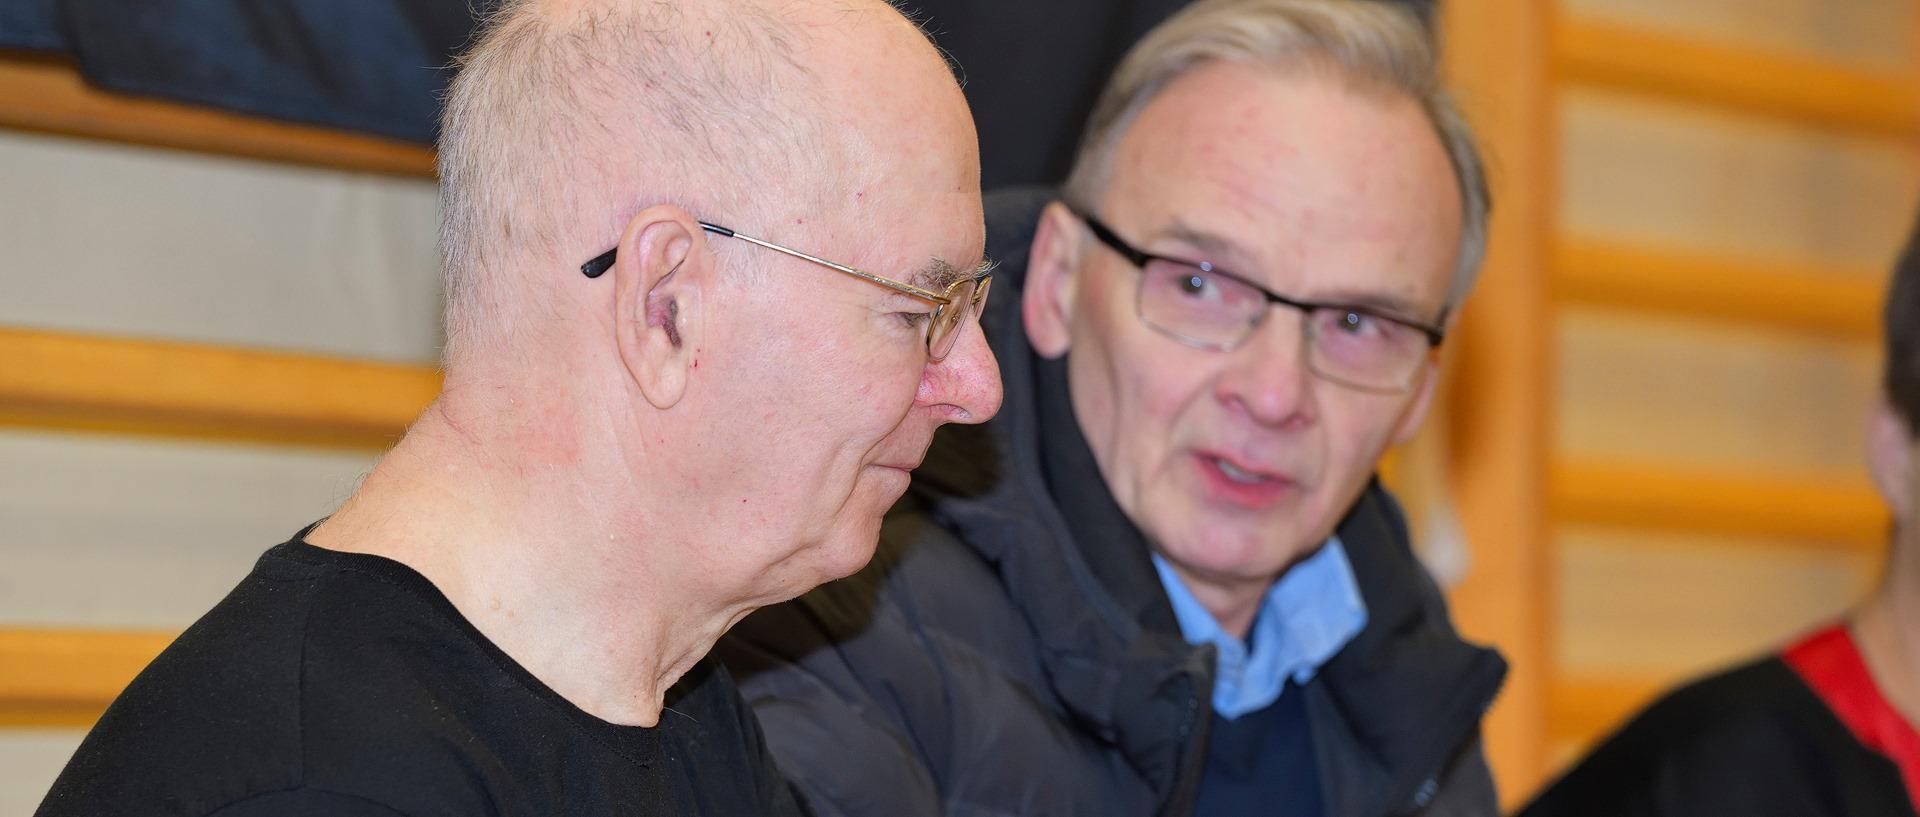 Artur Rychta - Warszawa 23.01.2020 - 7